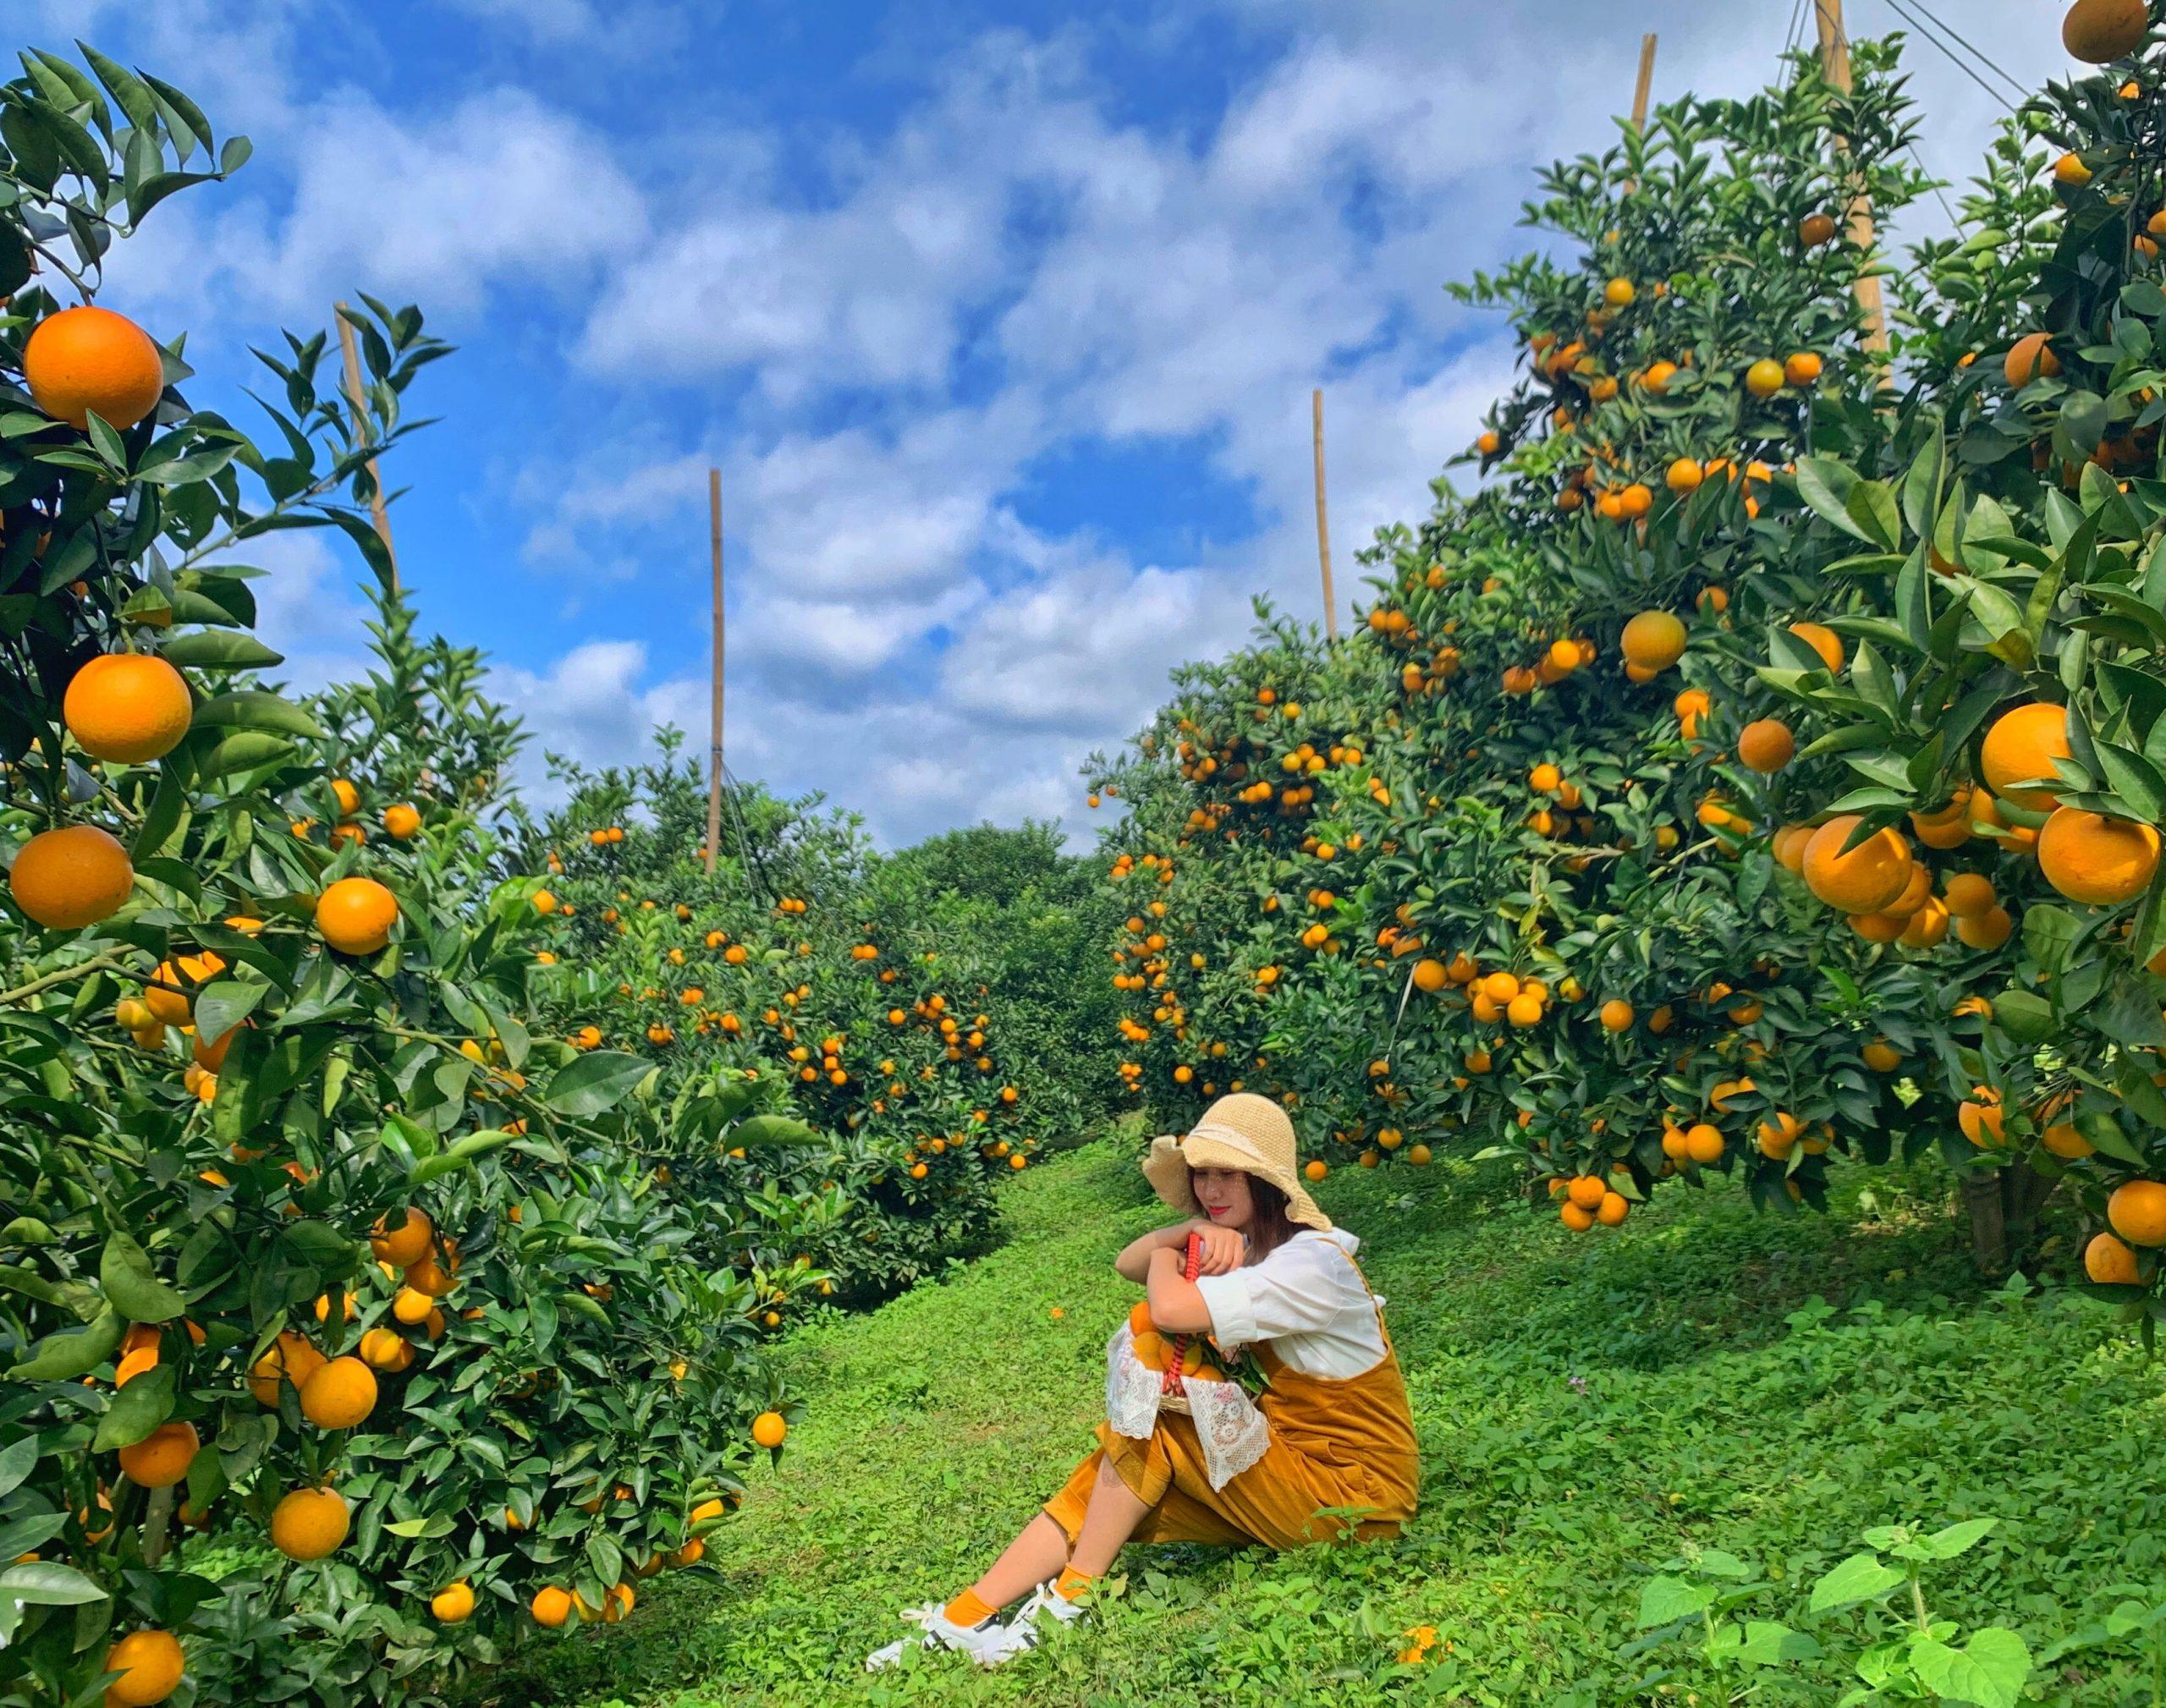 Vườn cam Mộc Châu đang là từ khóa hot trên các nhóm du lịch thời gian gần đây